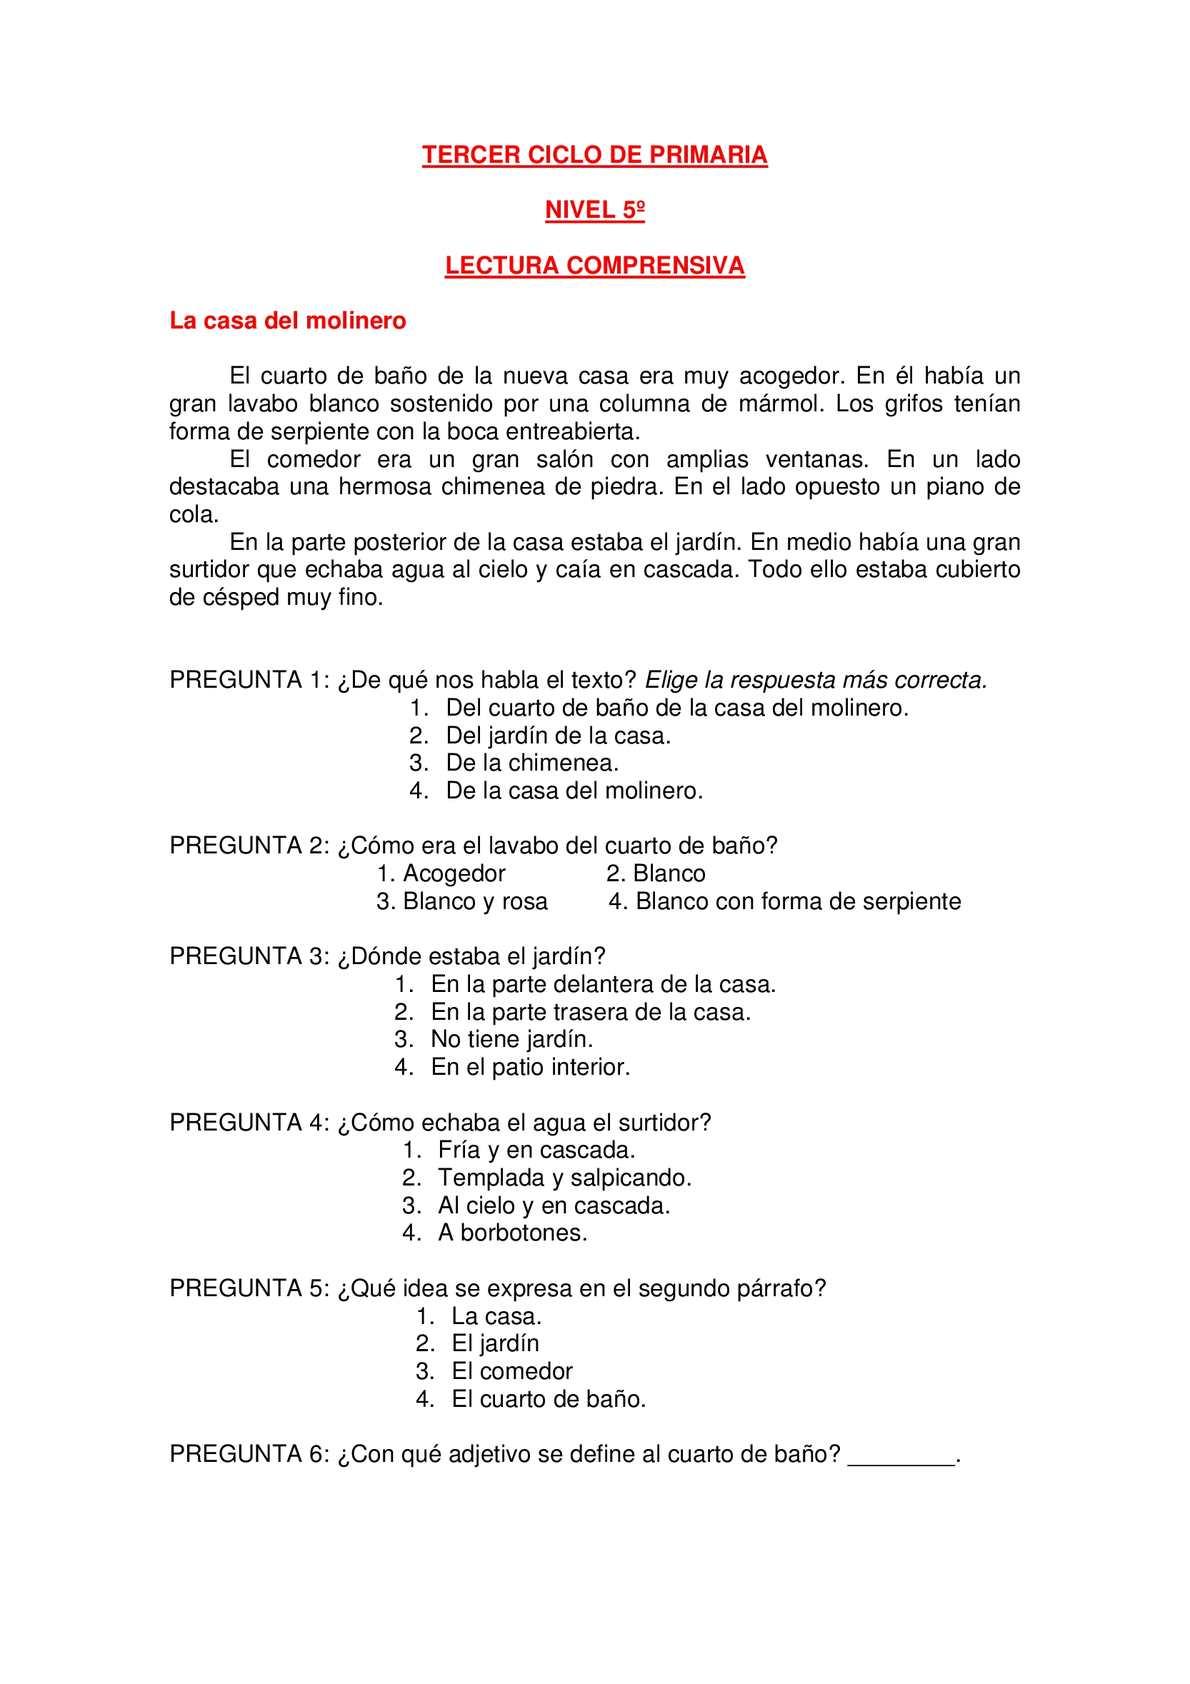 Calaméo - Banco de lecturas para el tercer ciclo de Primaria.